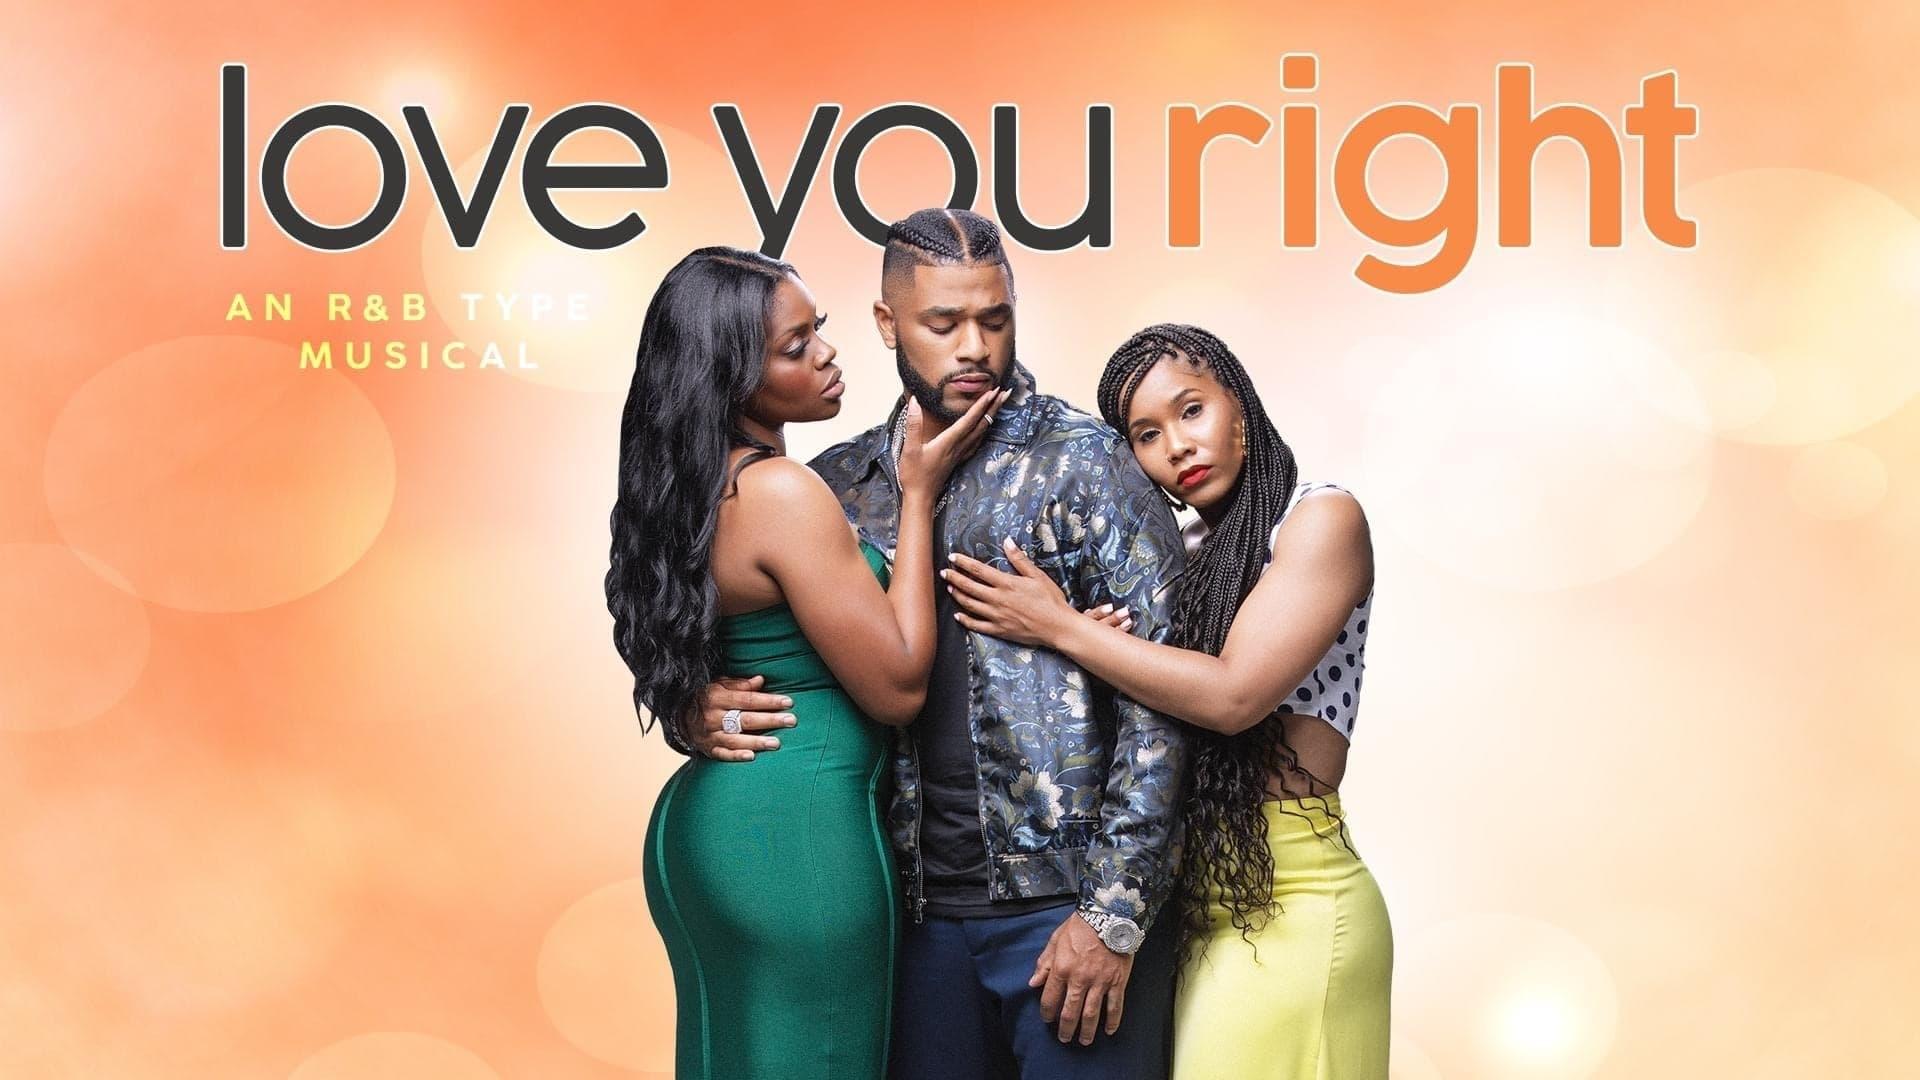 Love You Right: An R&B Musical